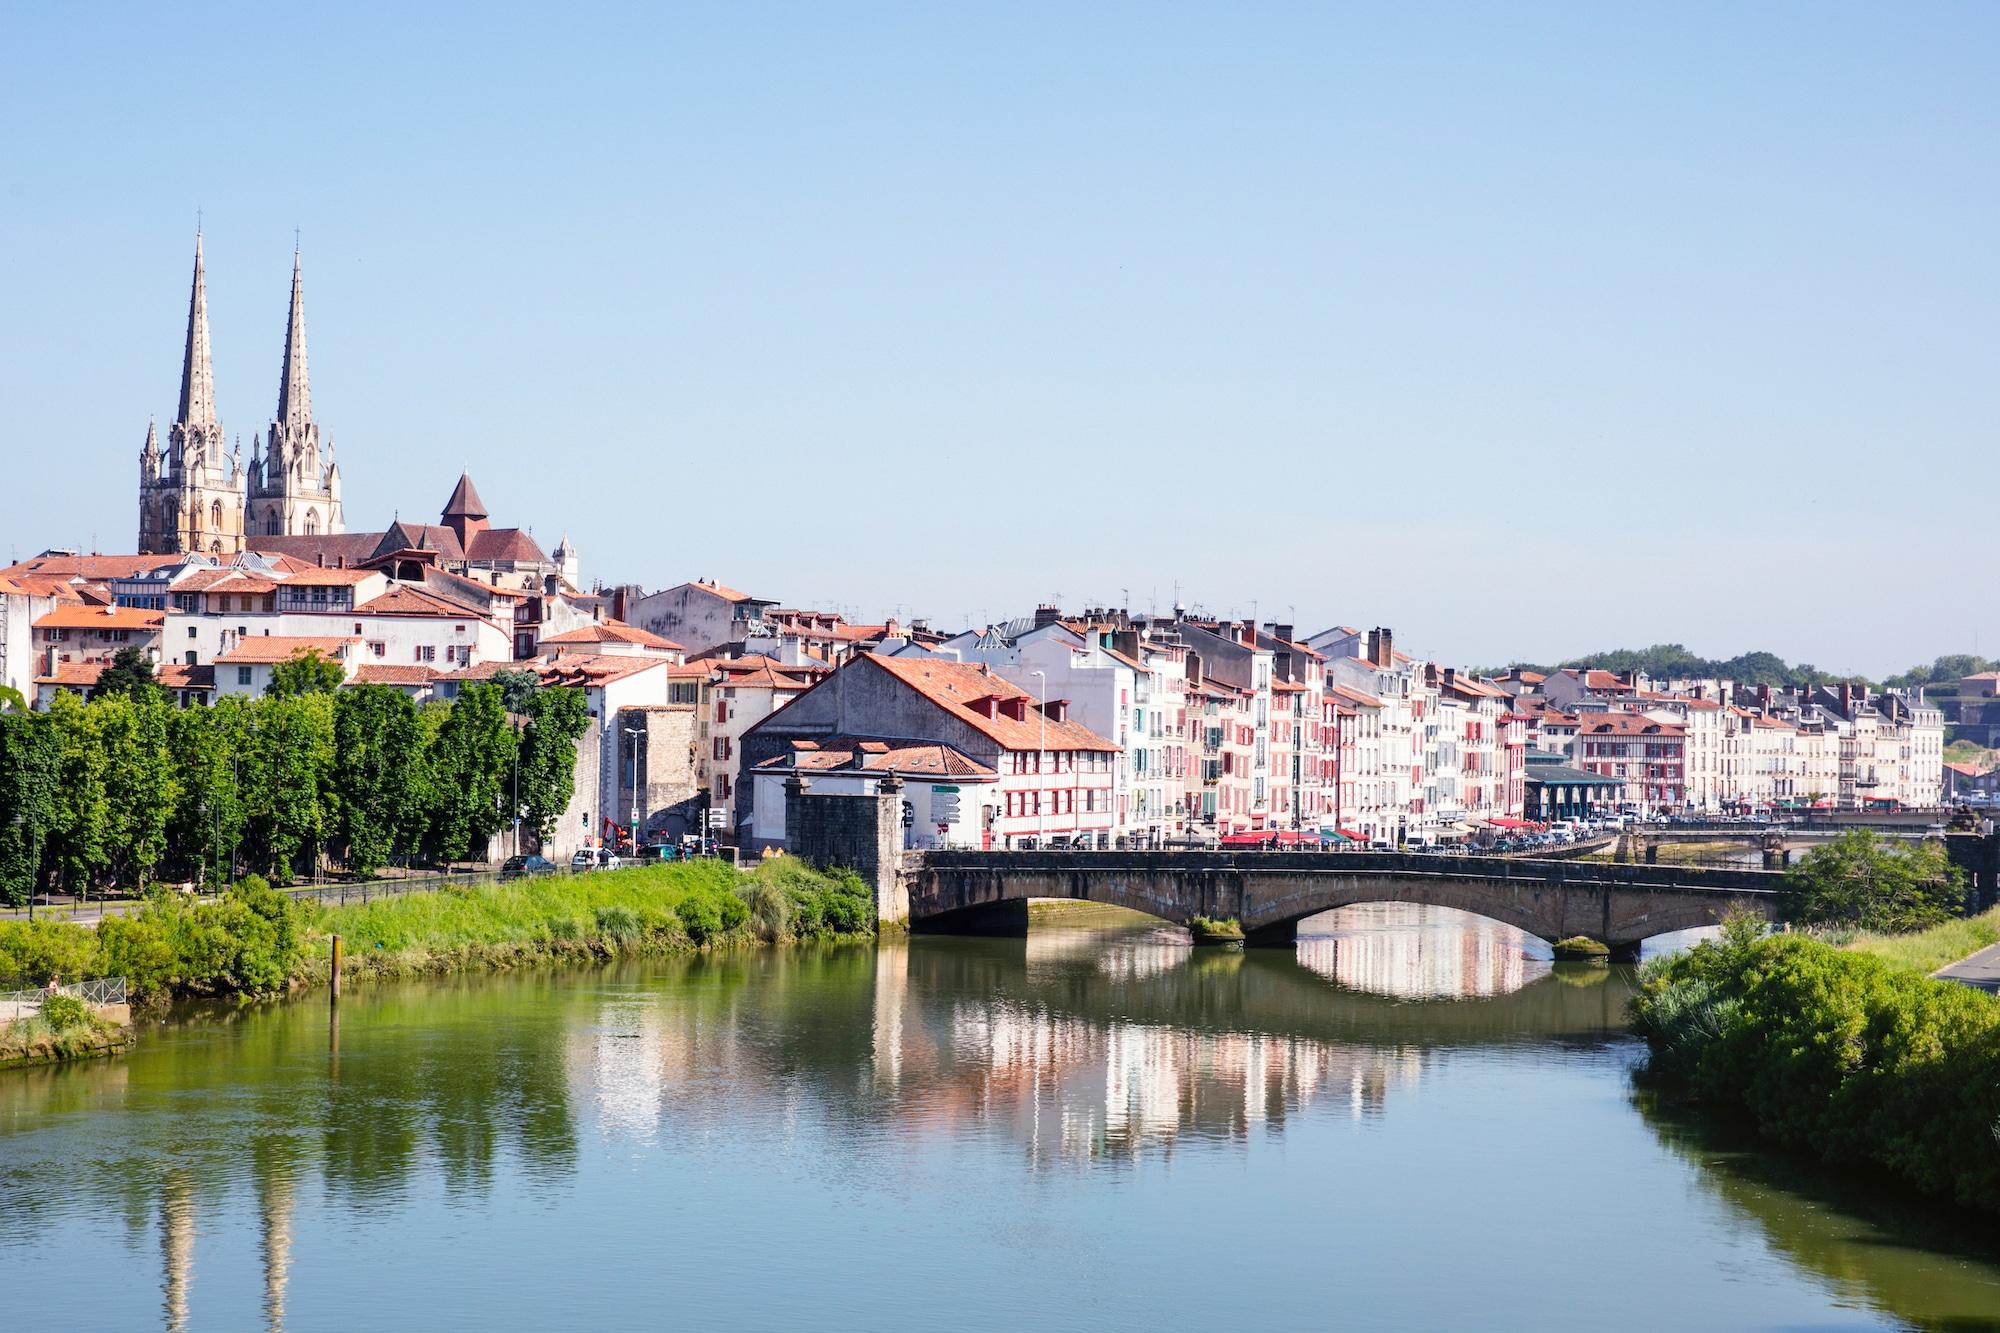 sejour-culture-gastronomie-paysbasque-Bayonne perspective Nive © Pierre-Alex